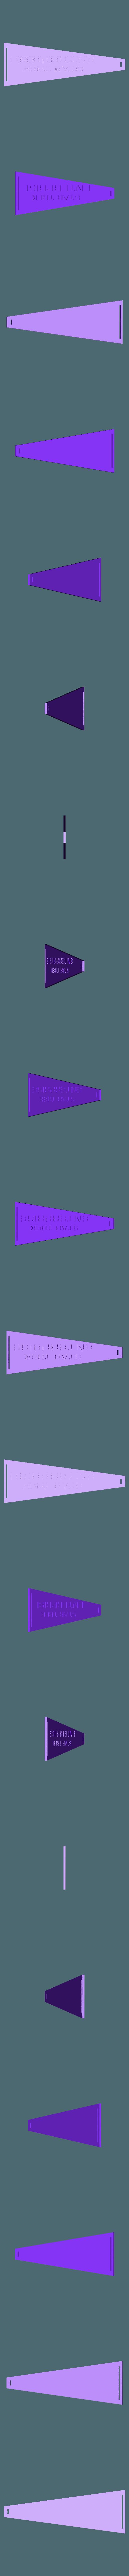 Base Bottom.stl Download free STL file Star Trek USS Enterprise NCC 1701 • 3D printing object, Dsk